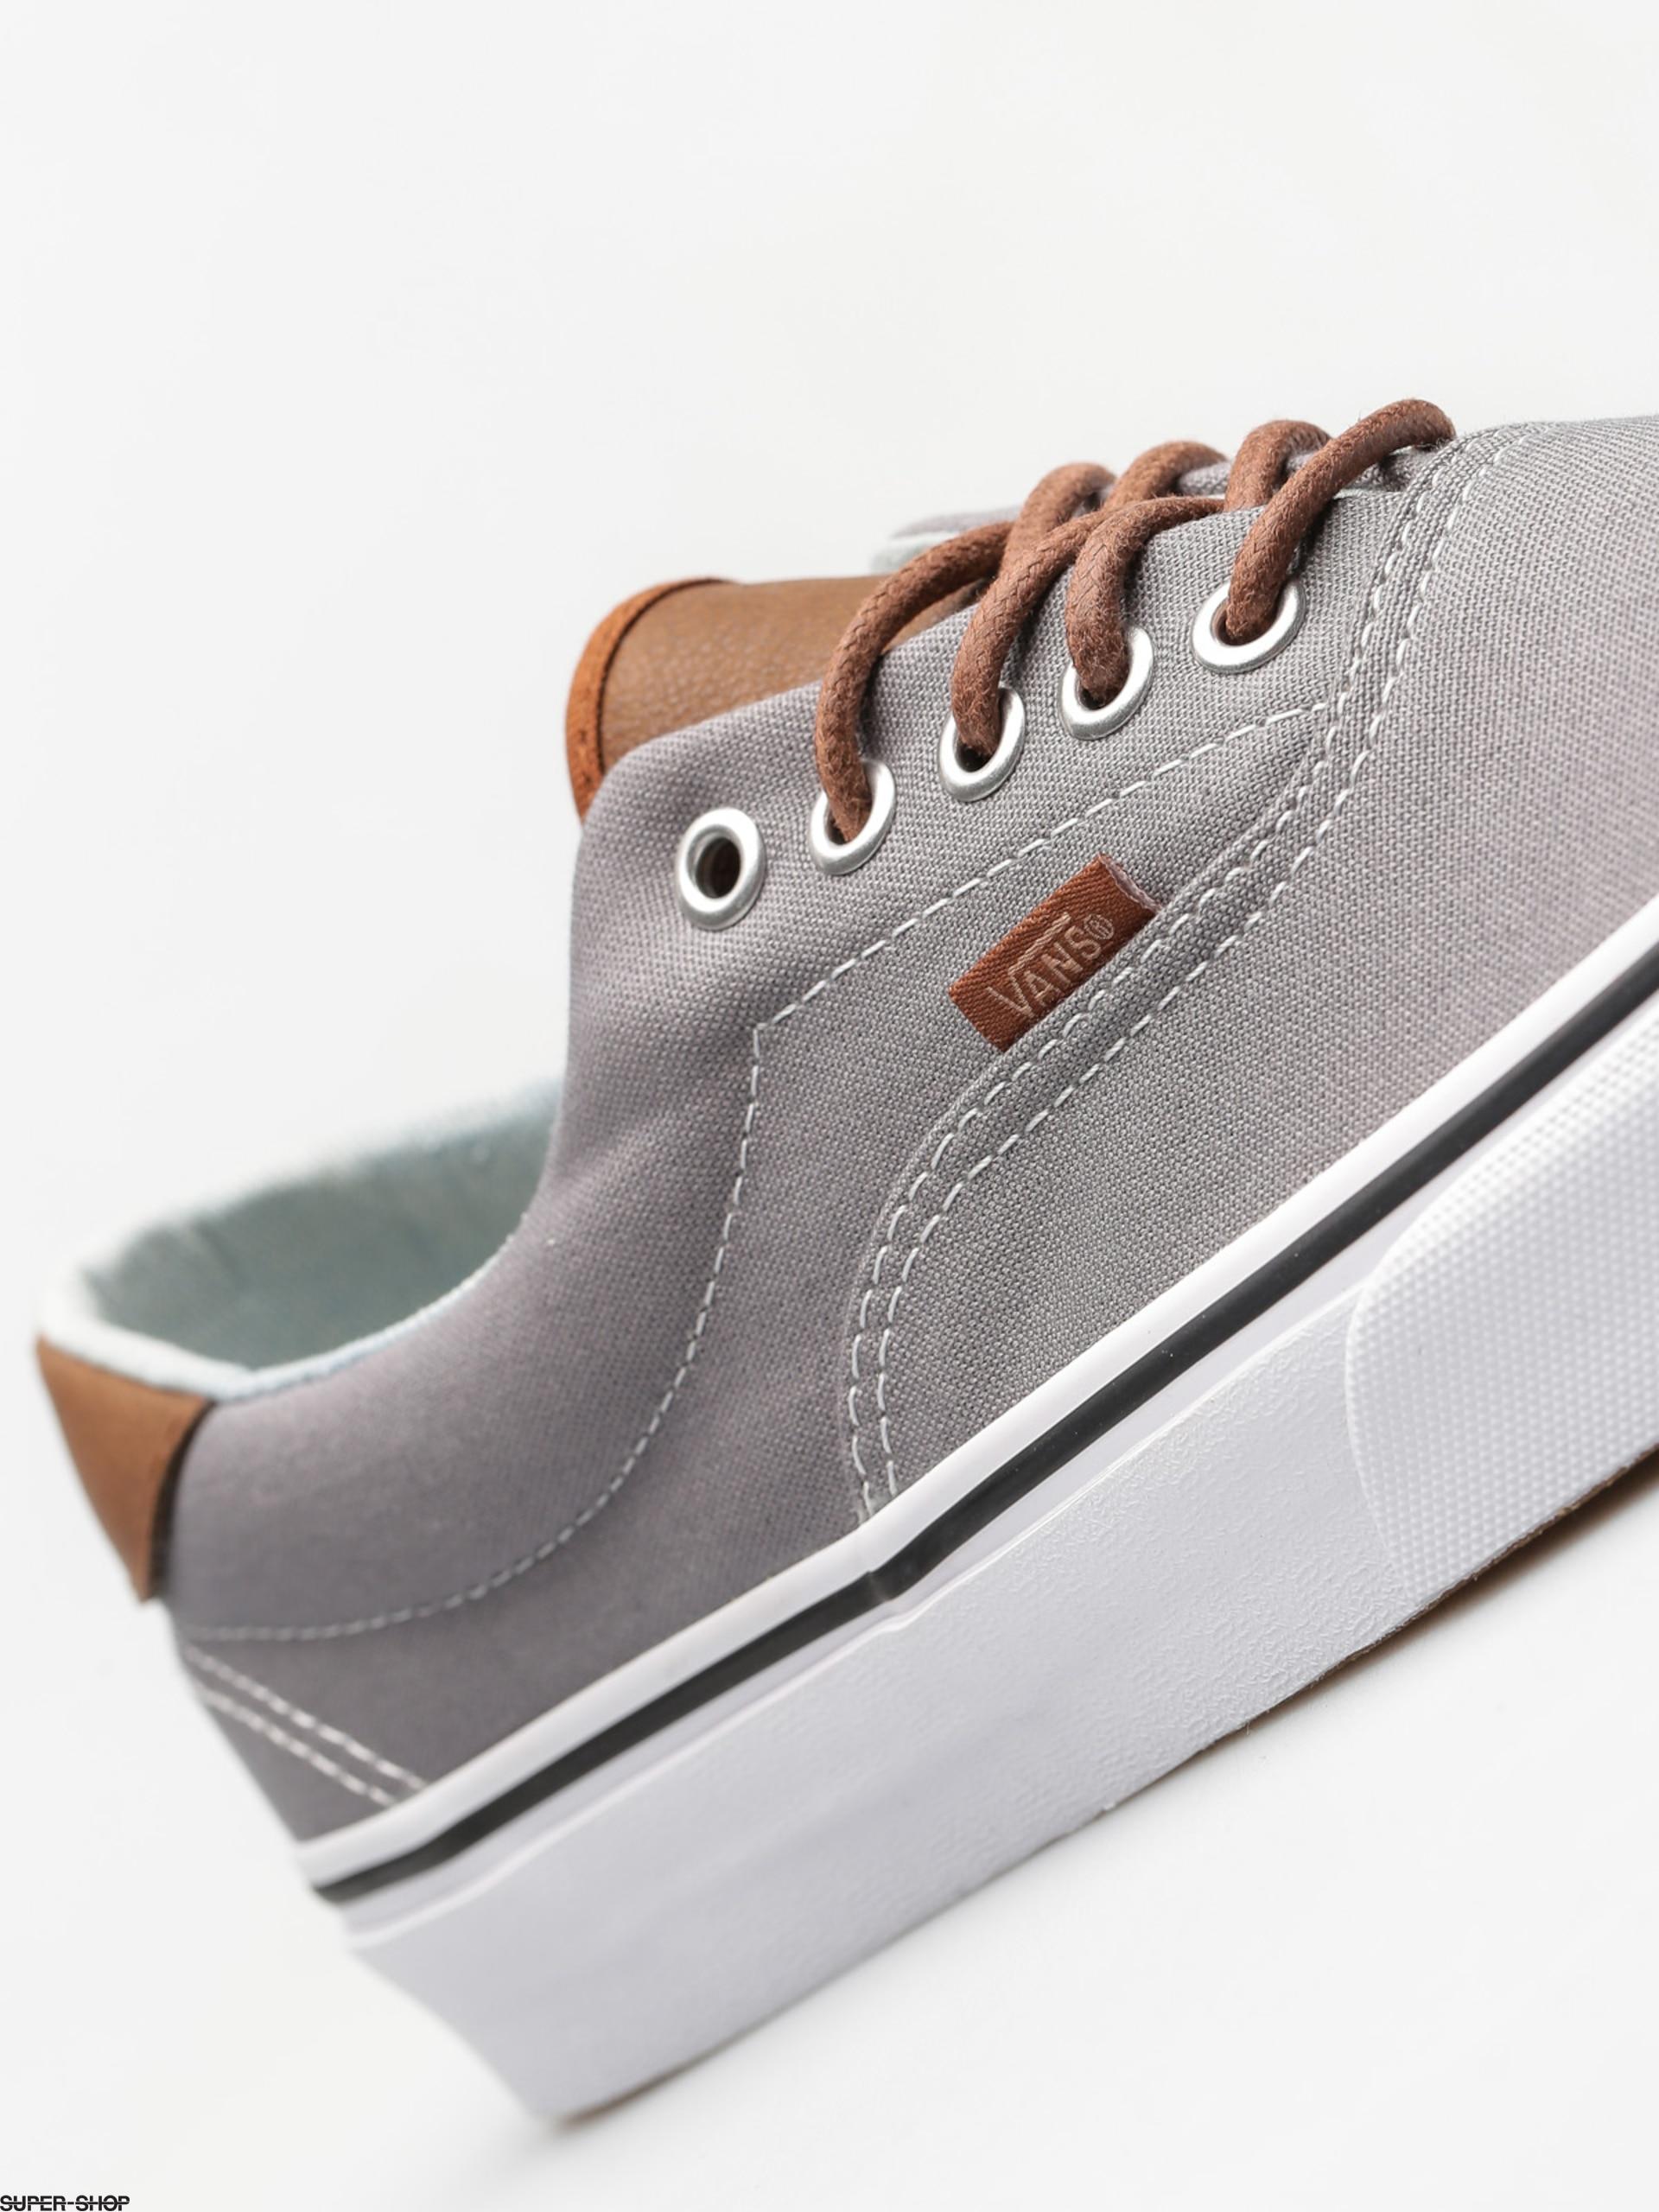 295a6b52d2 Vans Shoes Era 59 (c l frost gray acid denim)